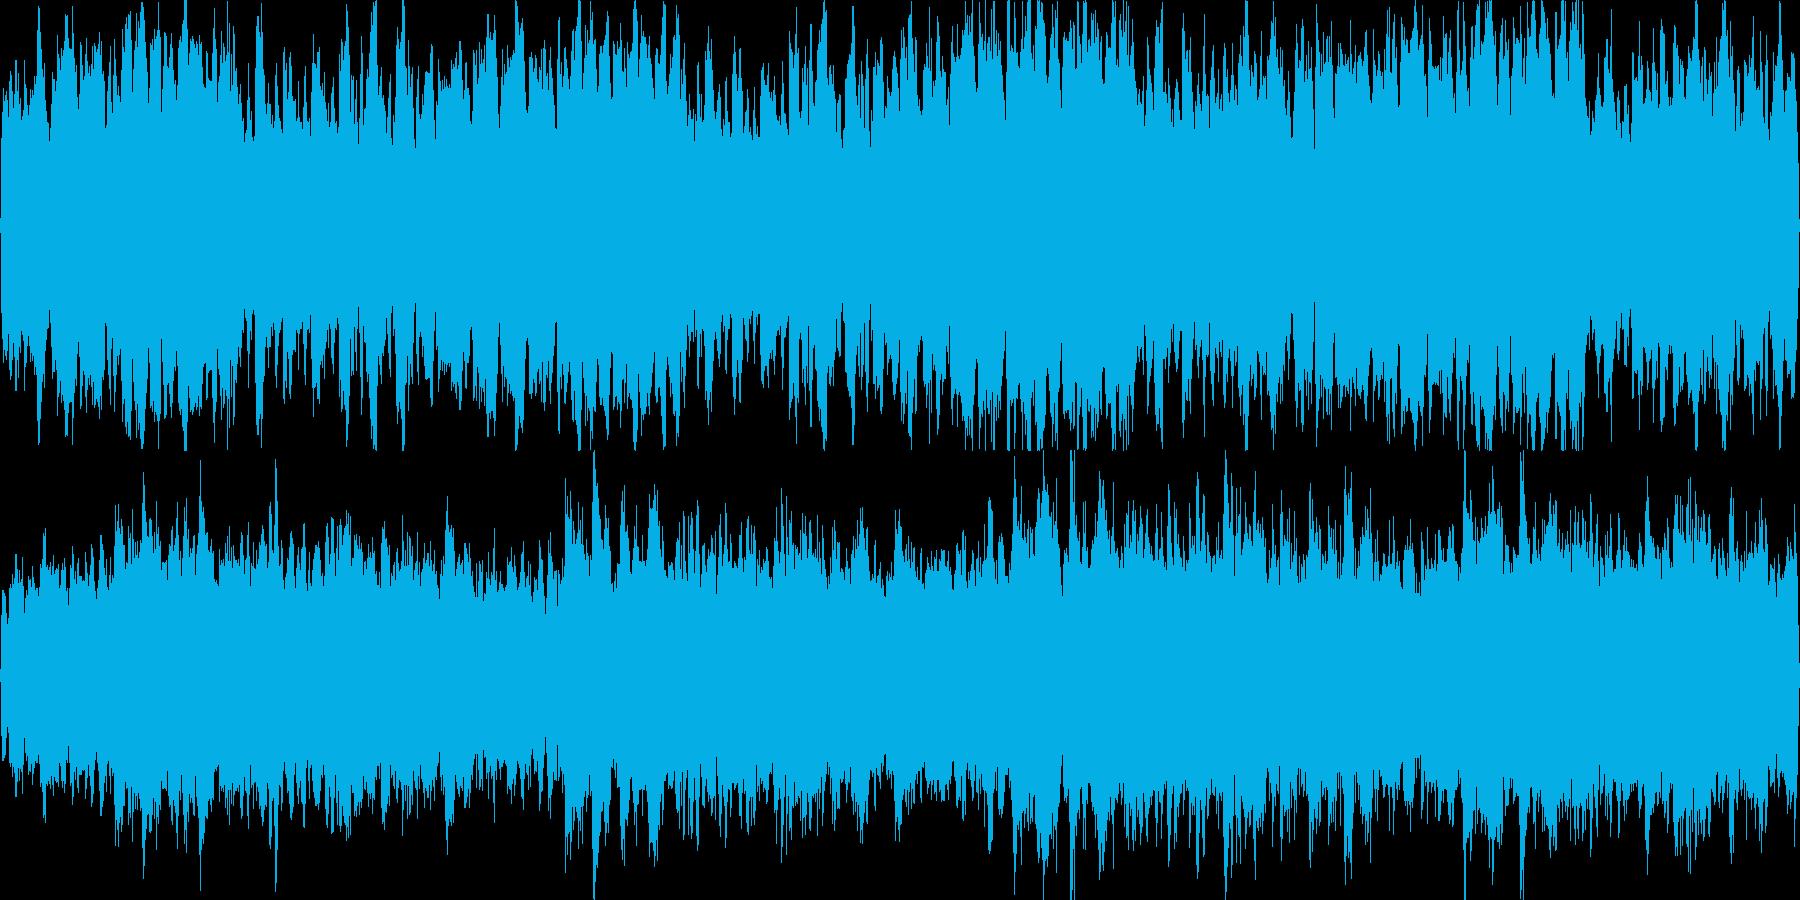 雪のイメージの切ない雰囲気(ループ仕様)の再生済みの波形